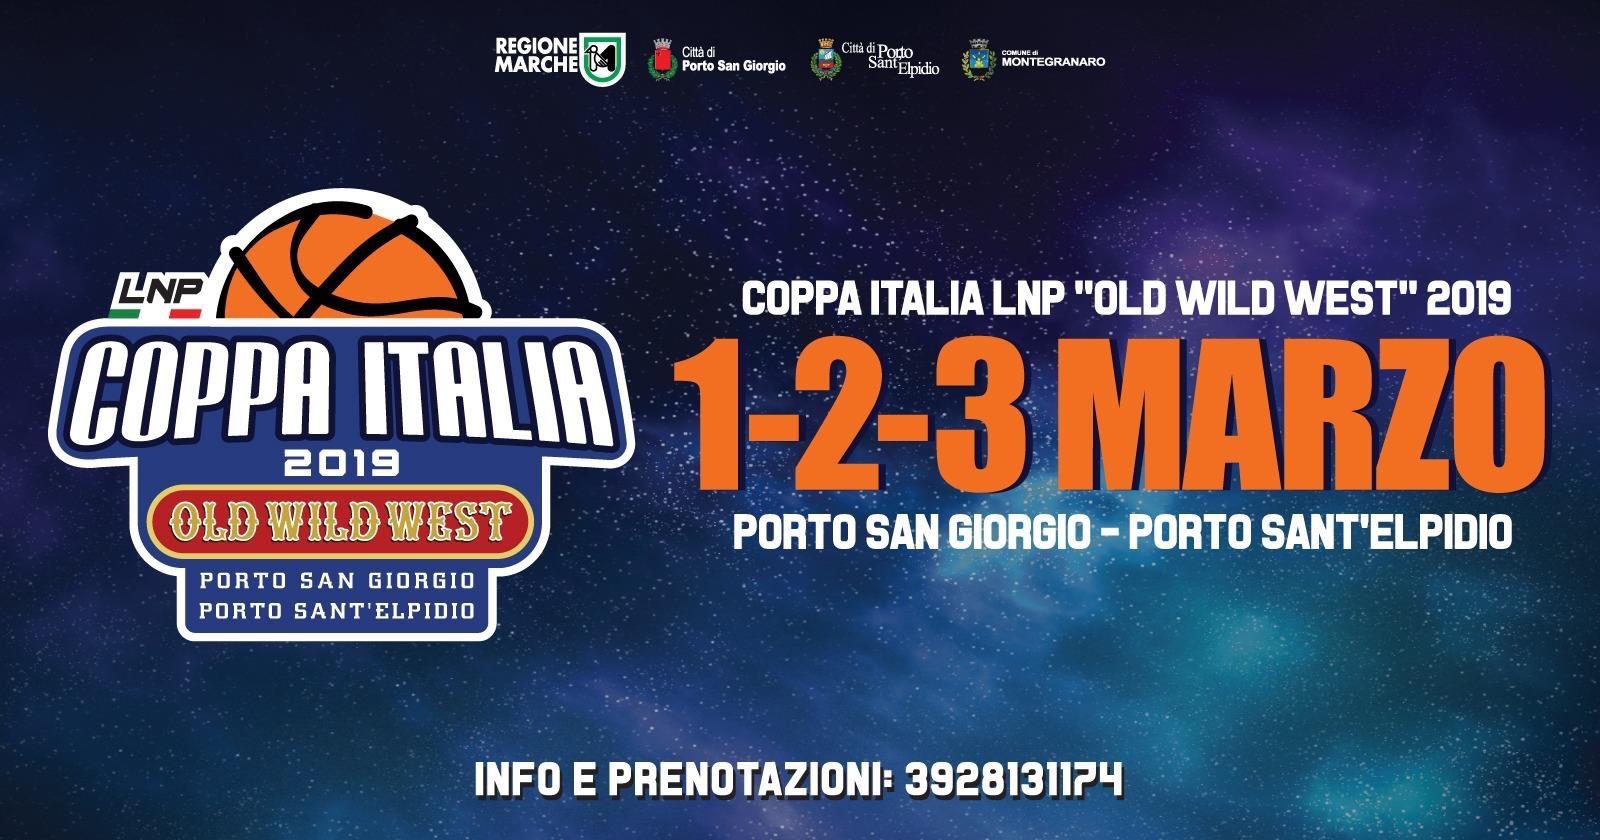 Coppa Italia Lnp, la copertura televisiva